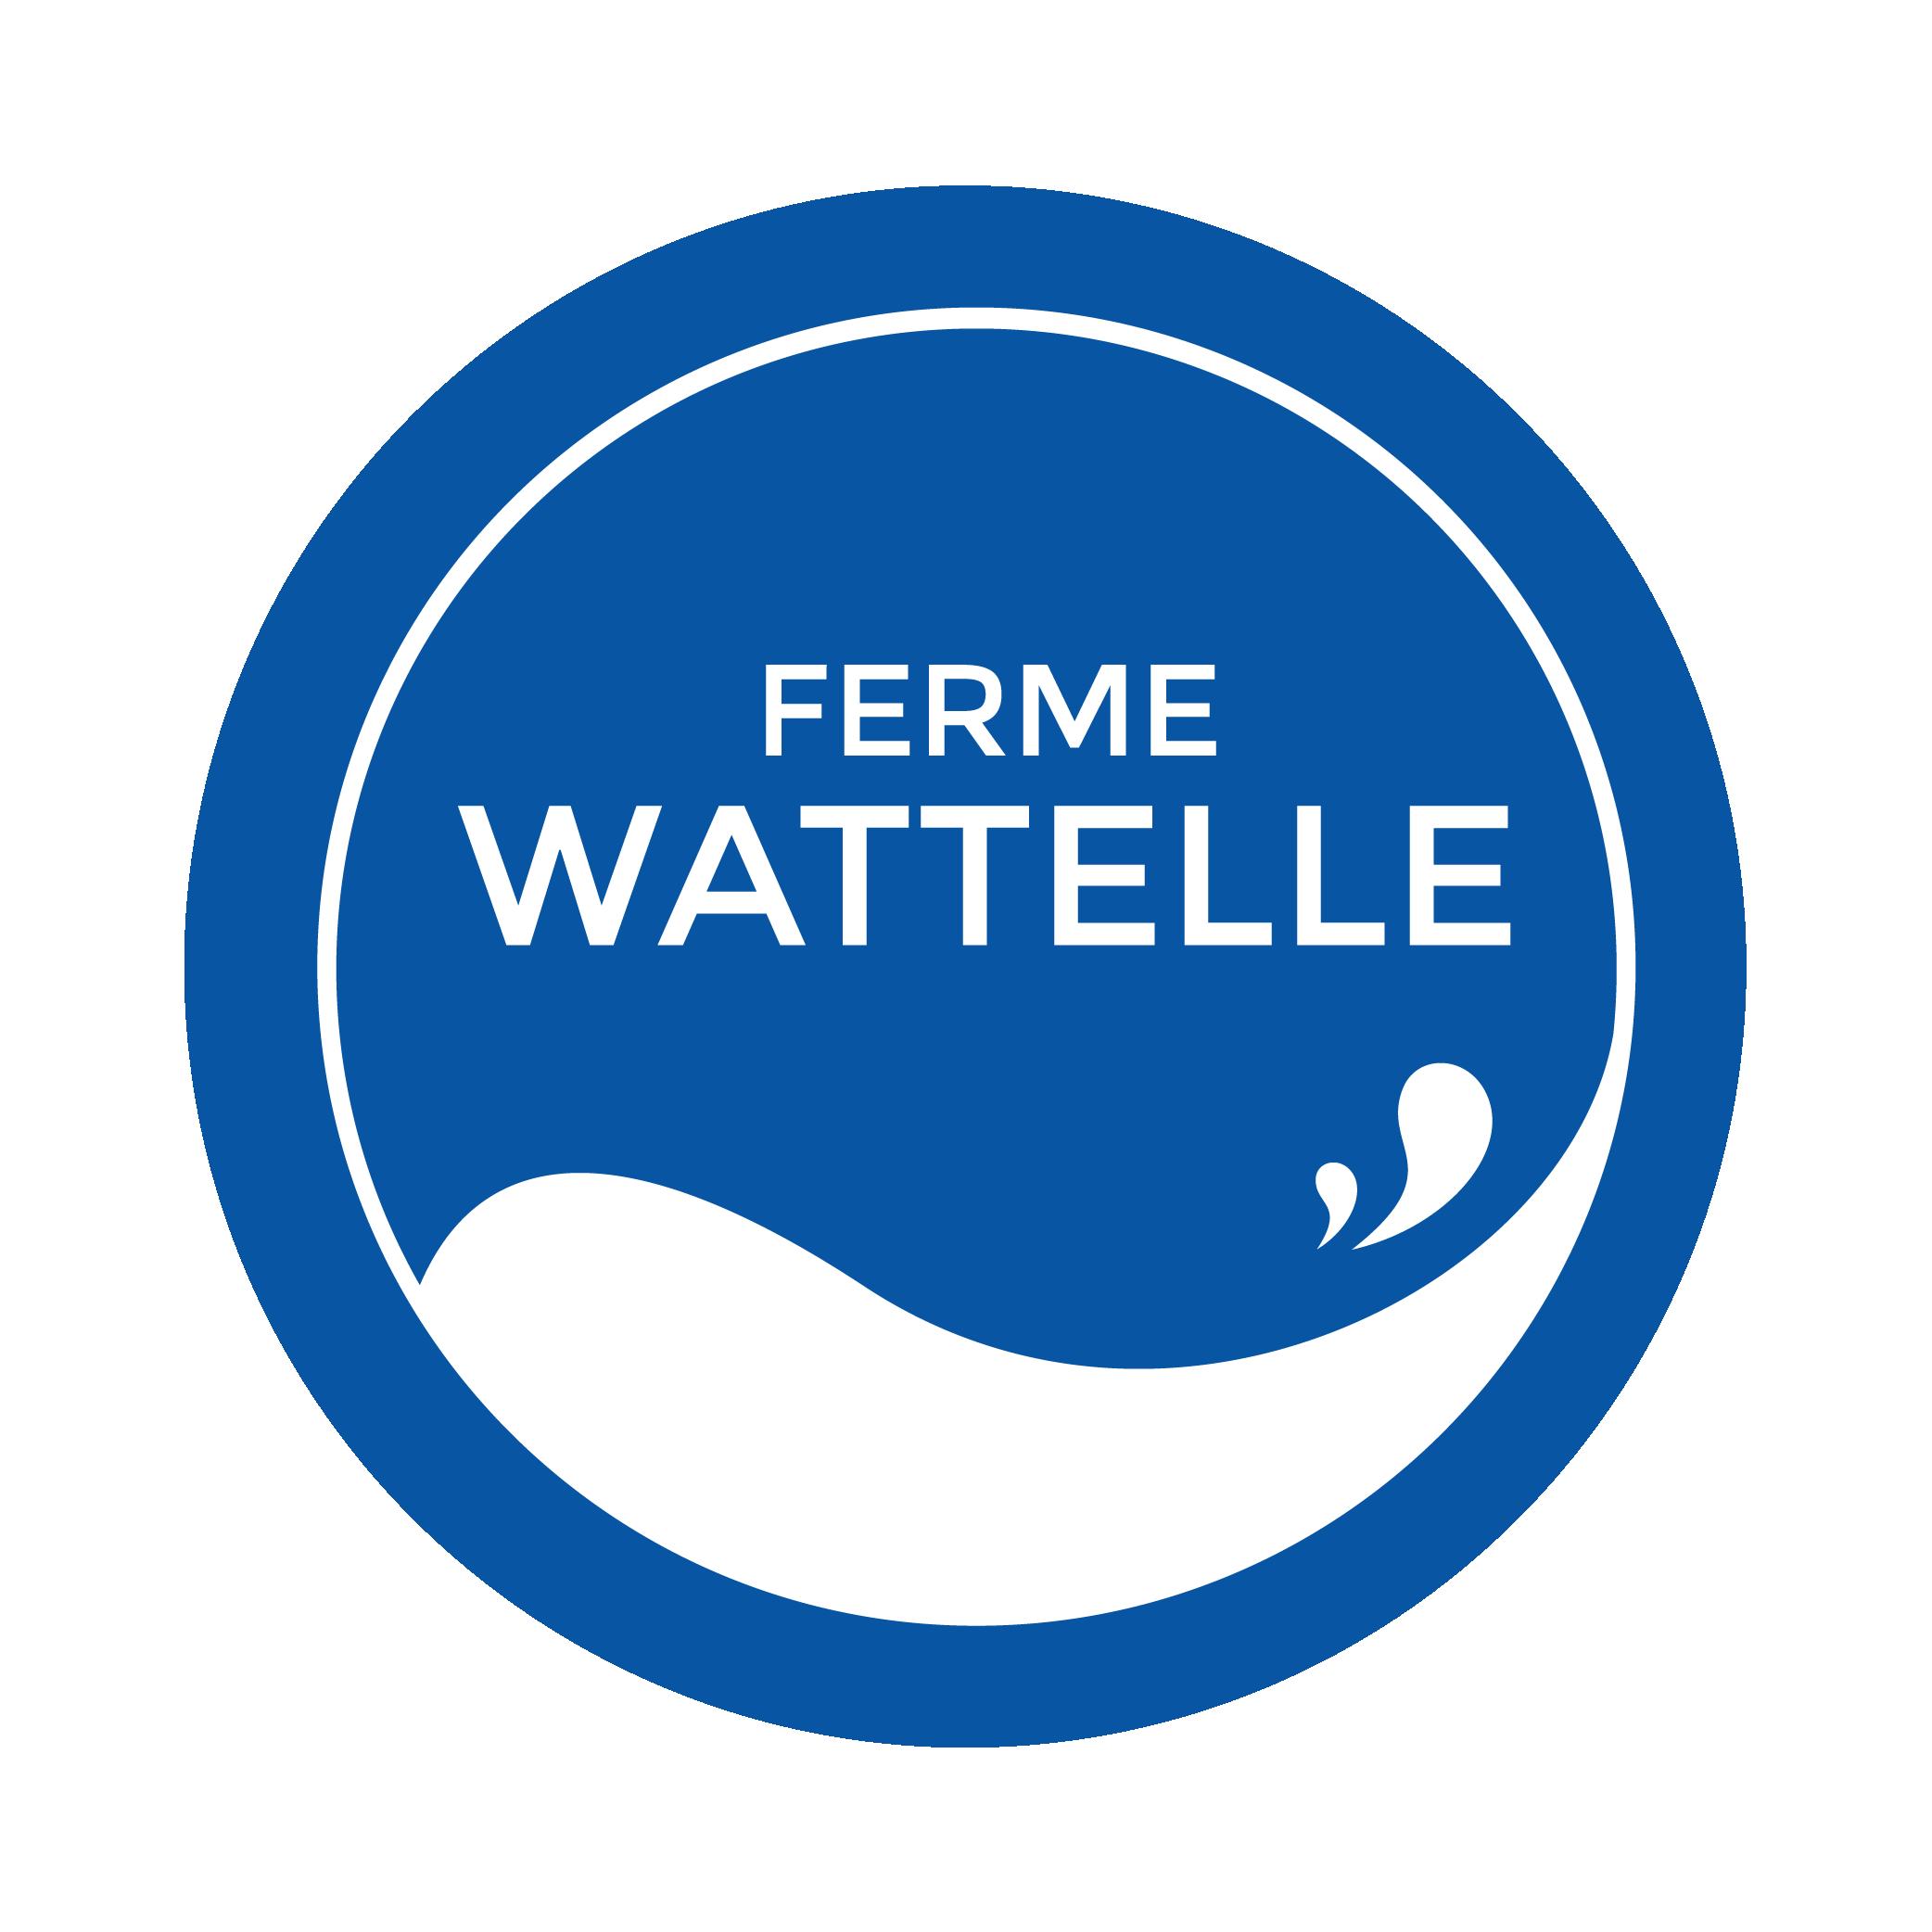 FERME WATTELLE